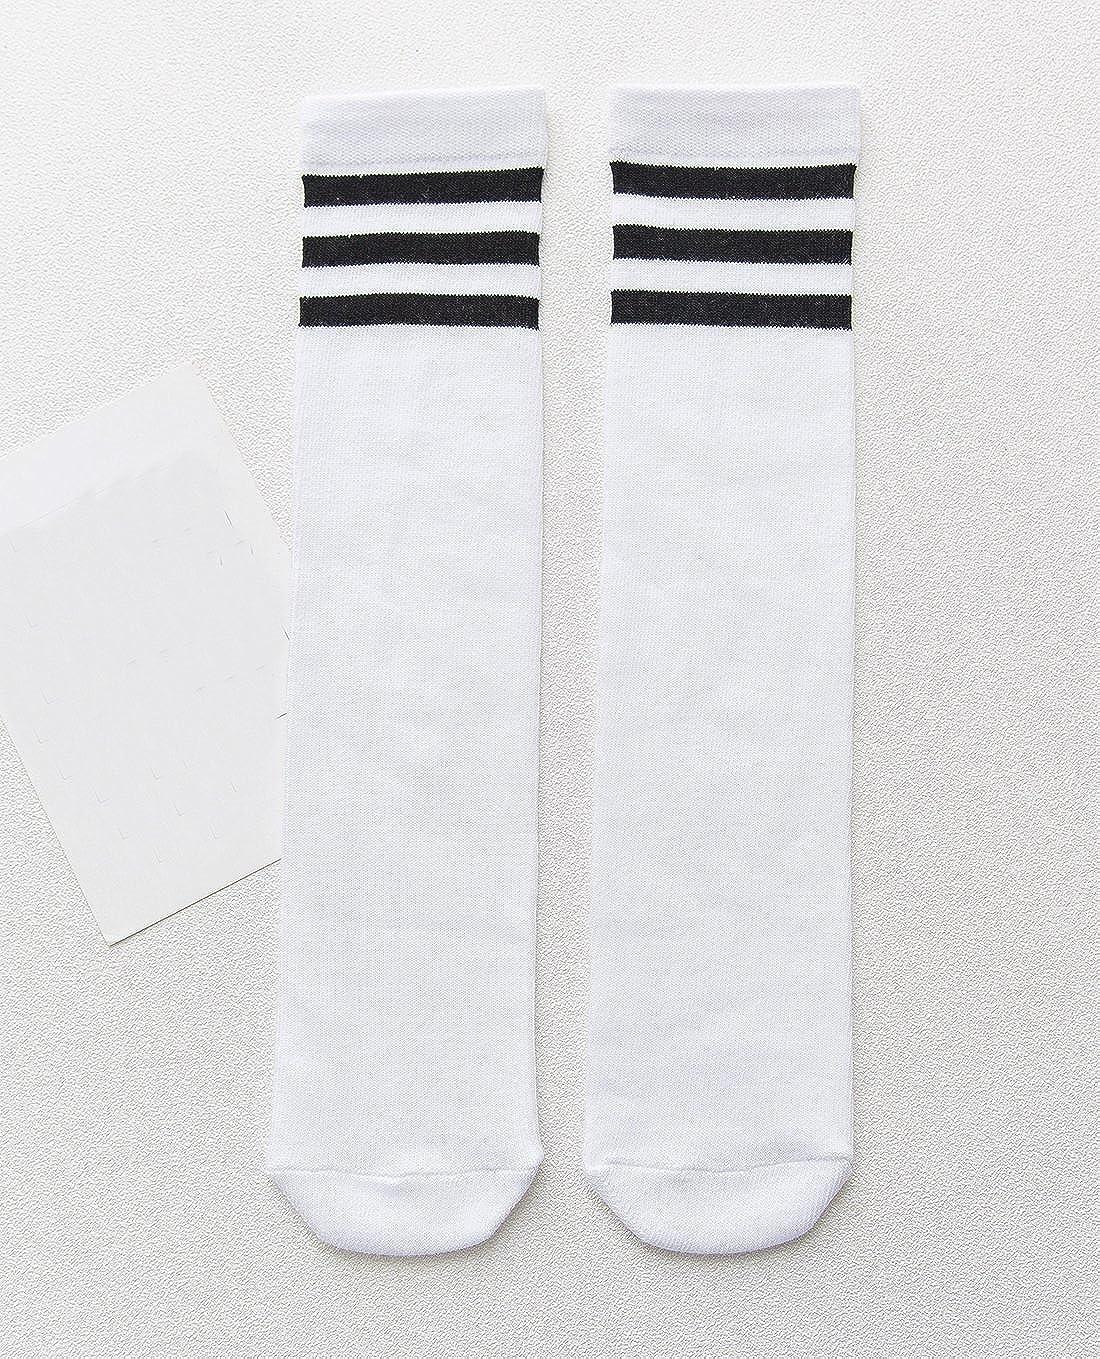 Knee High Tube Socks for Boys Girls Toddler /& Child 3,4 Pairs Baby